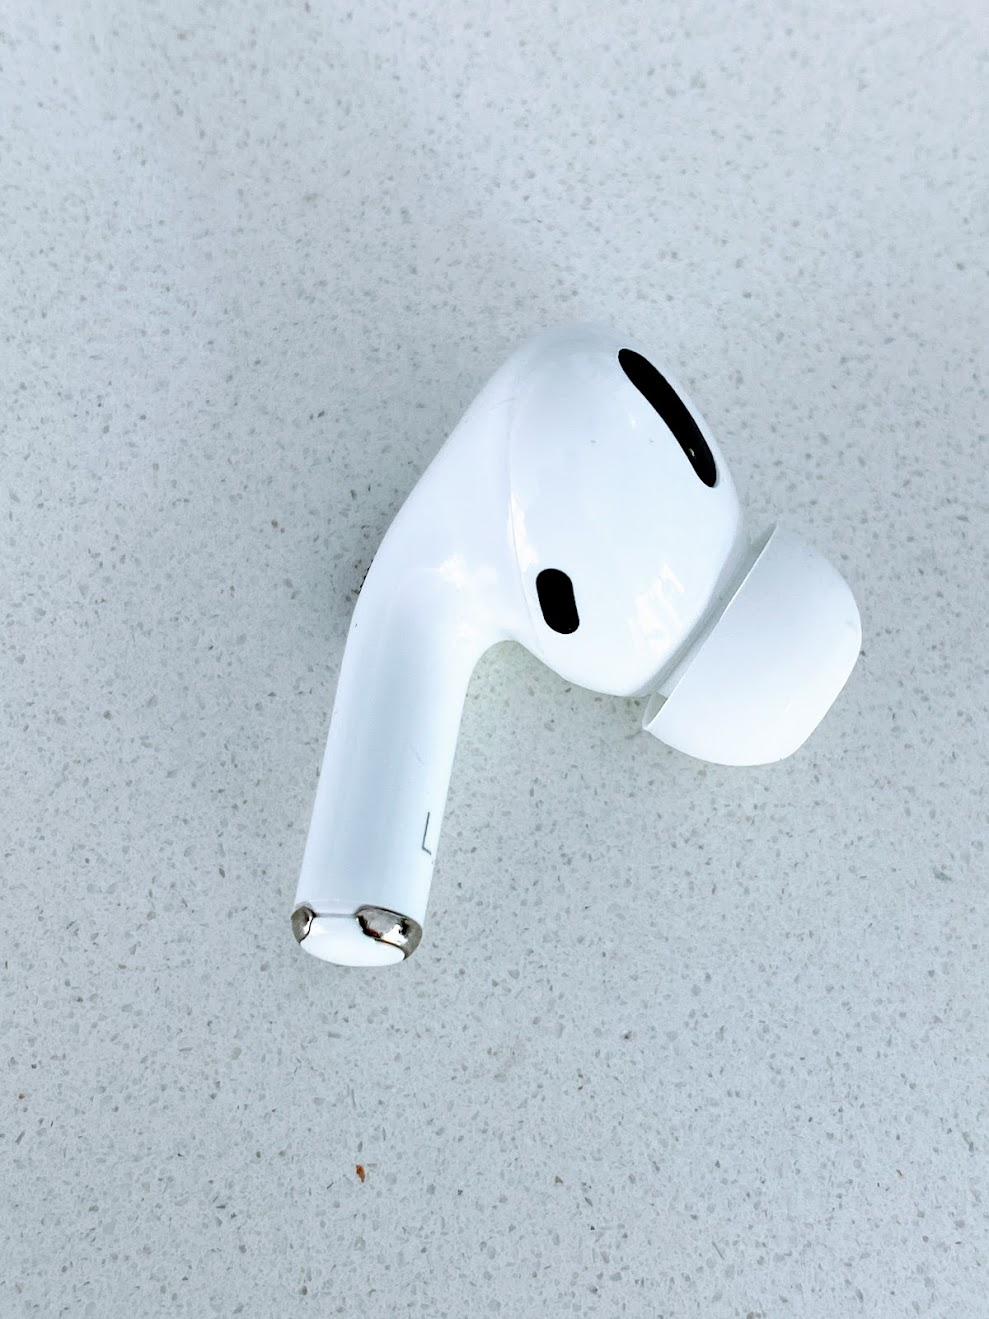 Test af JustBuds høretelefoner inear headset erfaring med dansk danske justsound.dk er de gode.